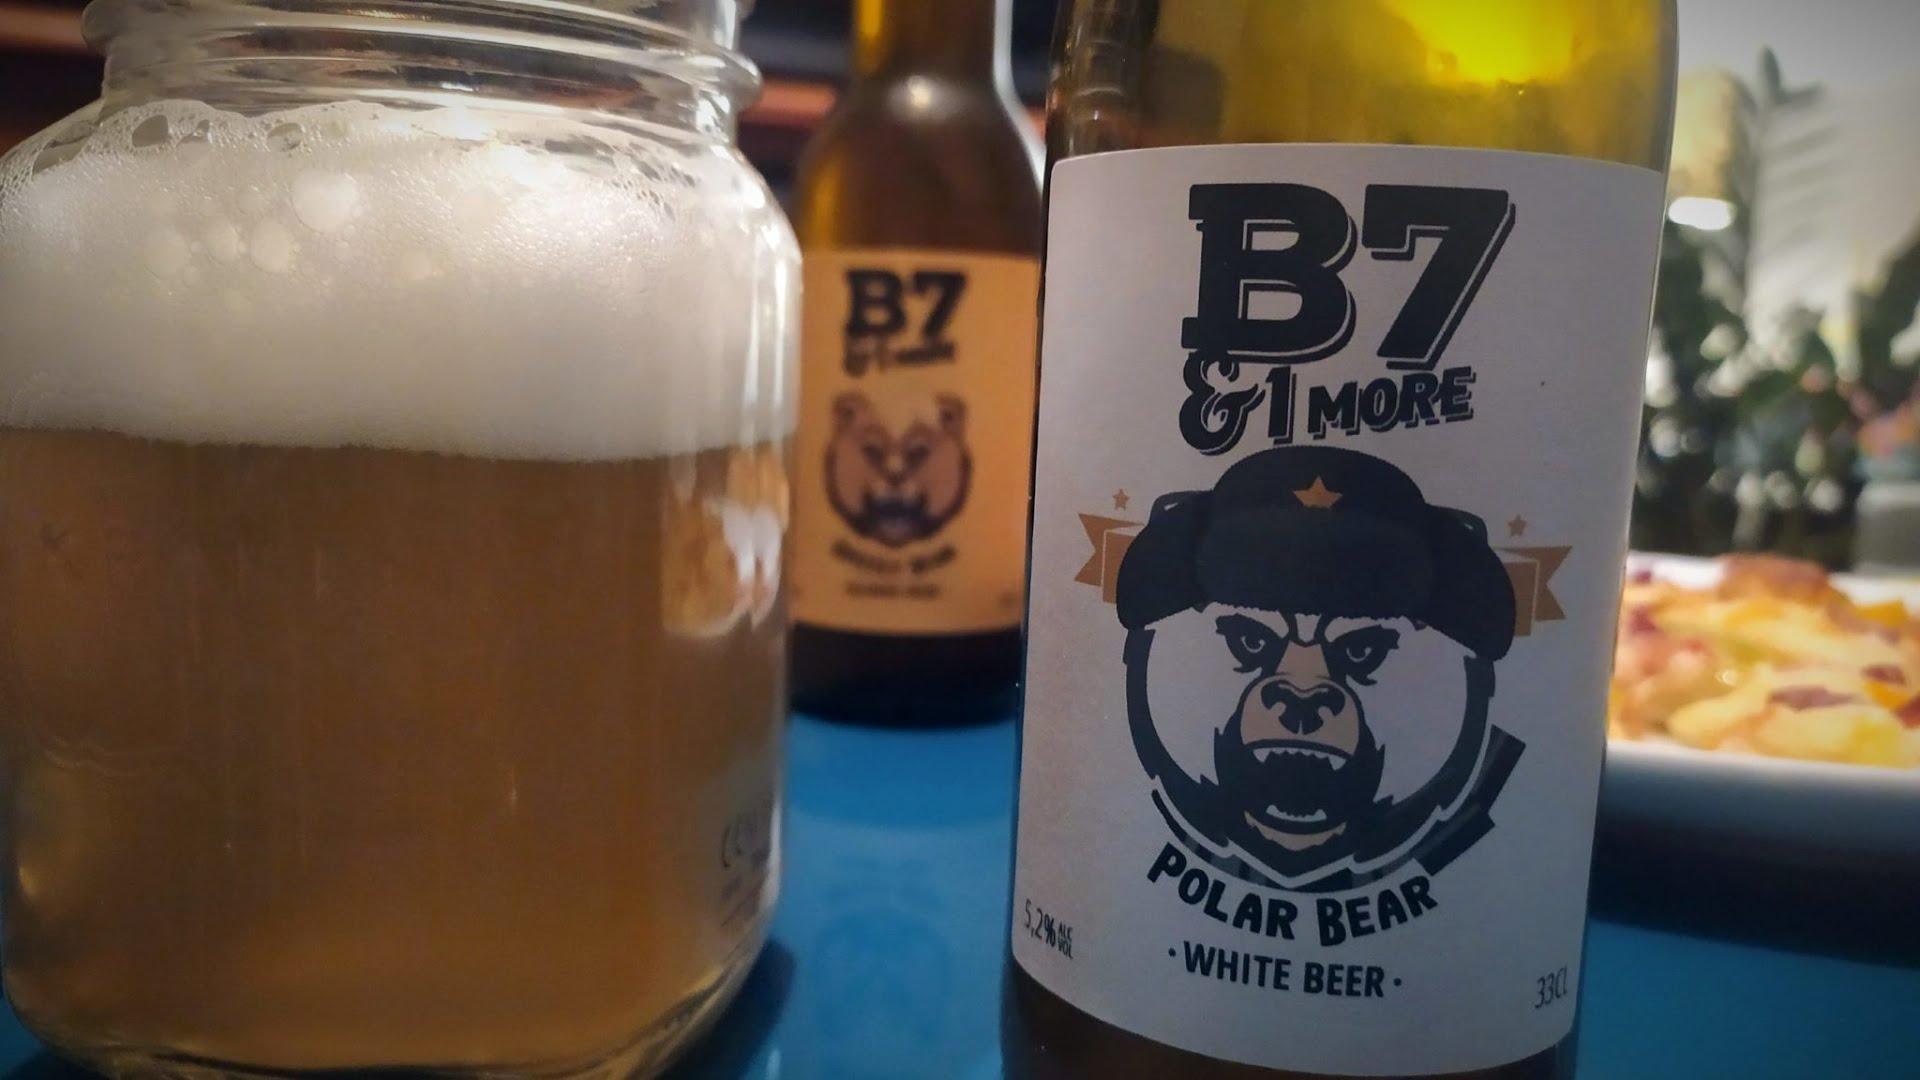 Dégustation de la bière B7&1 MORE